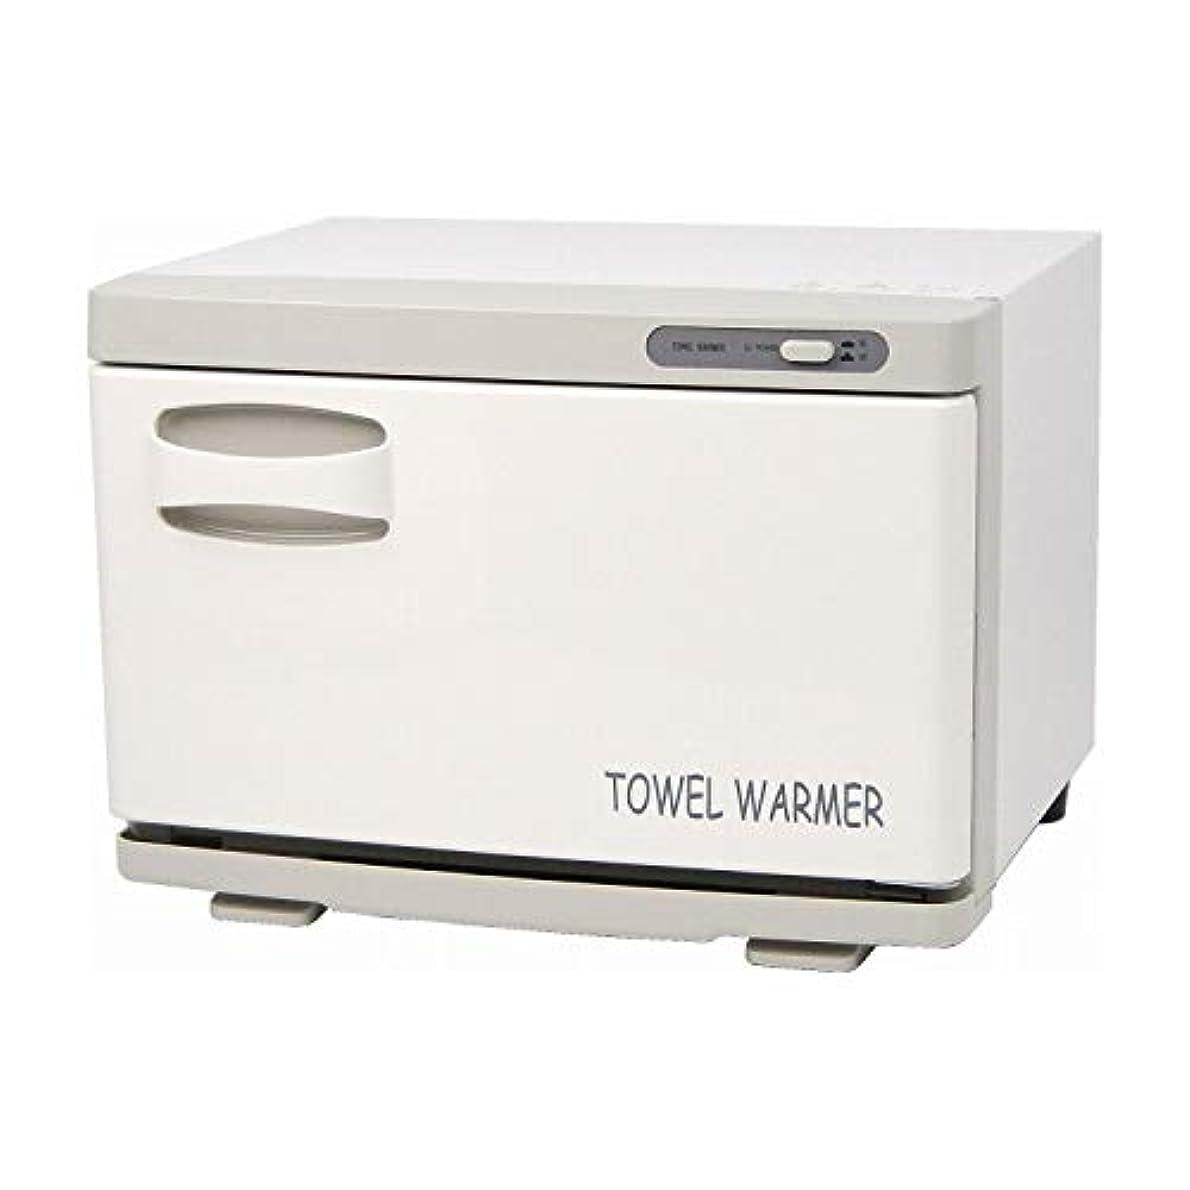 煙引き出し食事タオルウォーマー TW-12F[ホワイト前開き]新品 おしぼり蒸し器 おしぼりウォーマー ホットウォーマー タオル蒸し器 タオルウオーマー ホットボックス